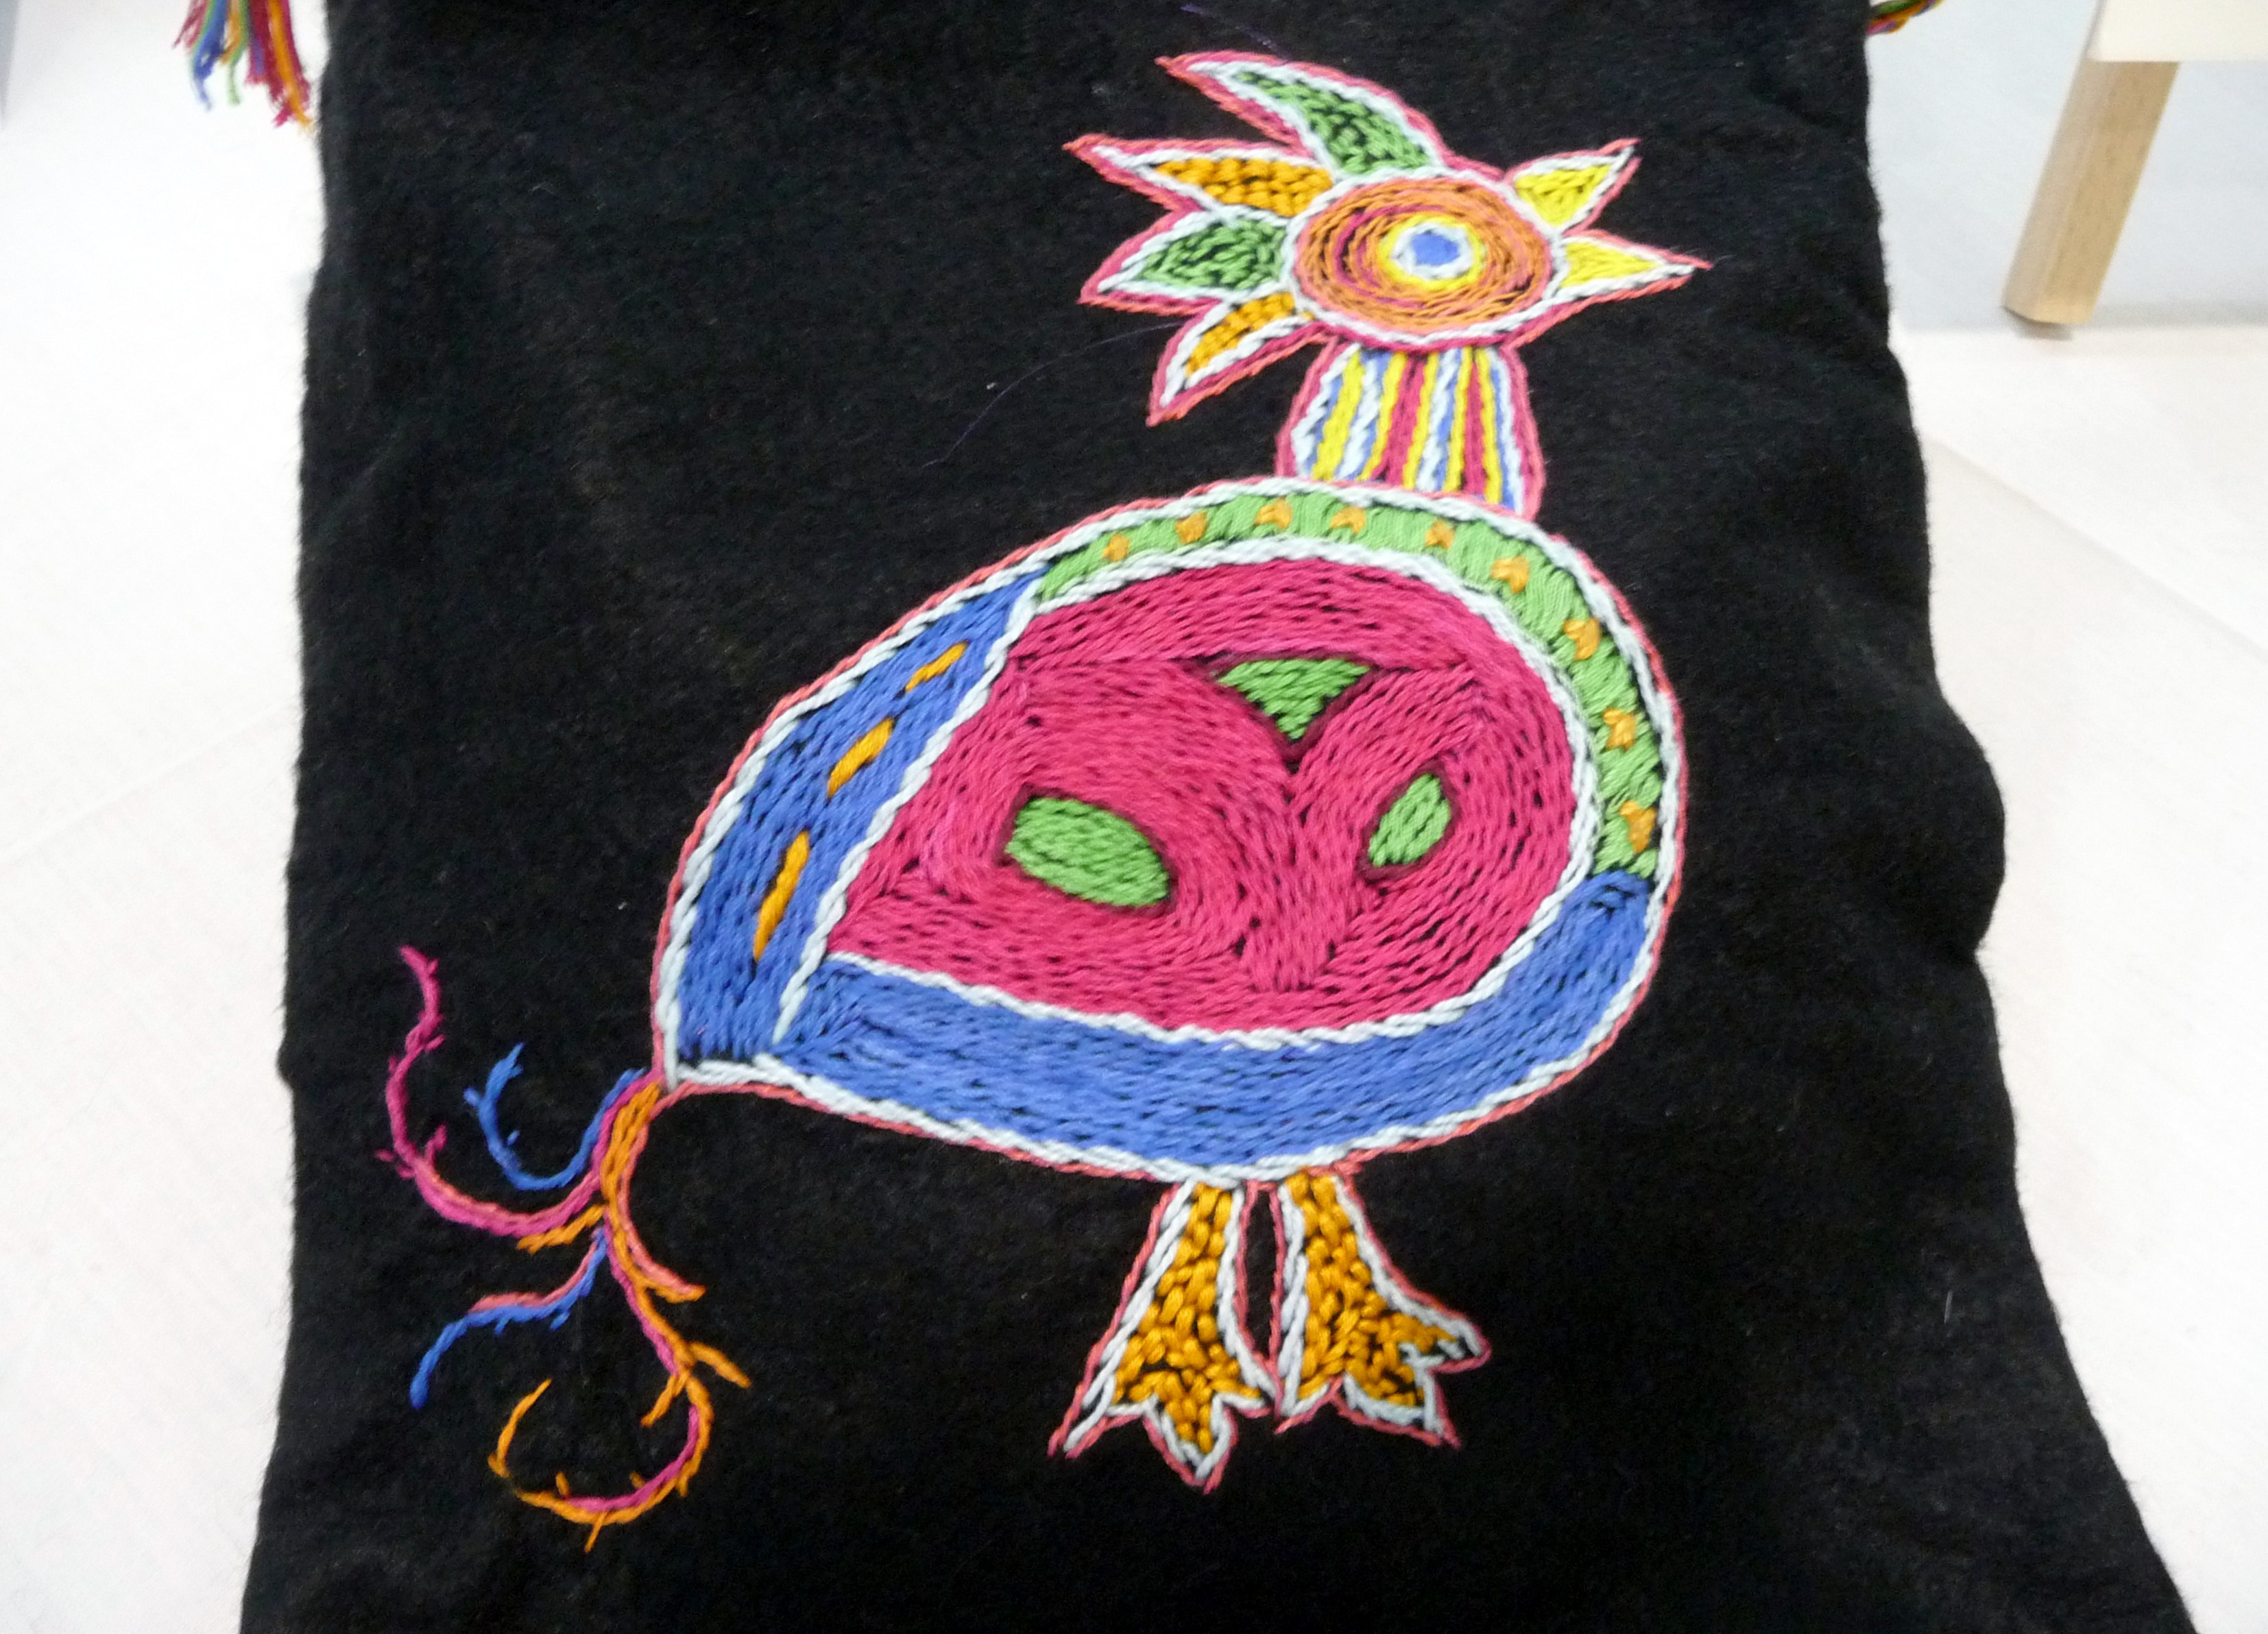 BIRD BAG by Valerie Cockcroft, hand embroidery on black felt